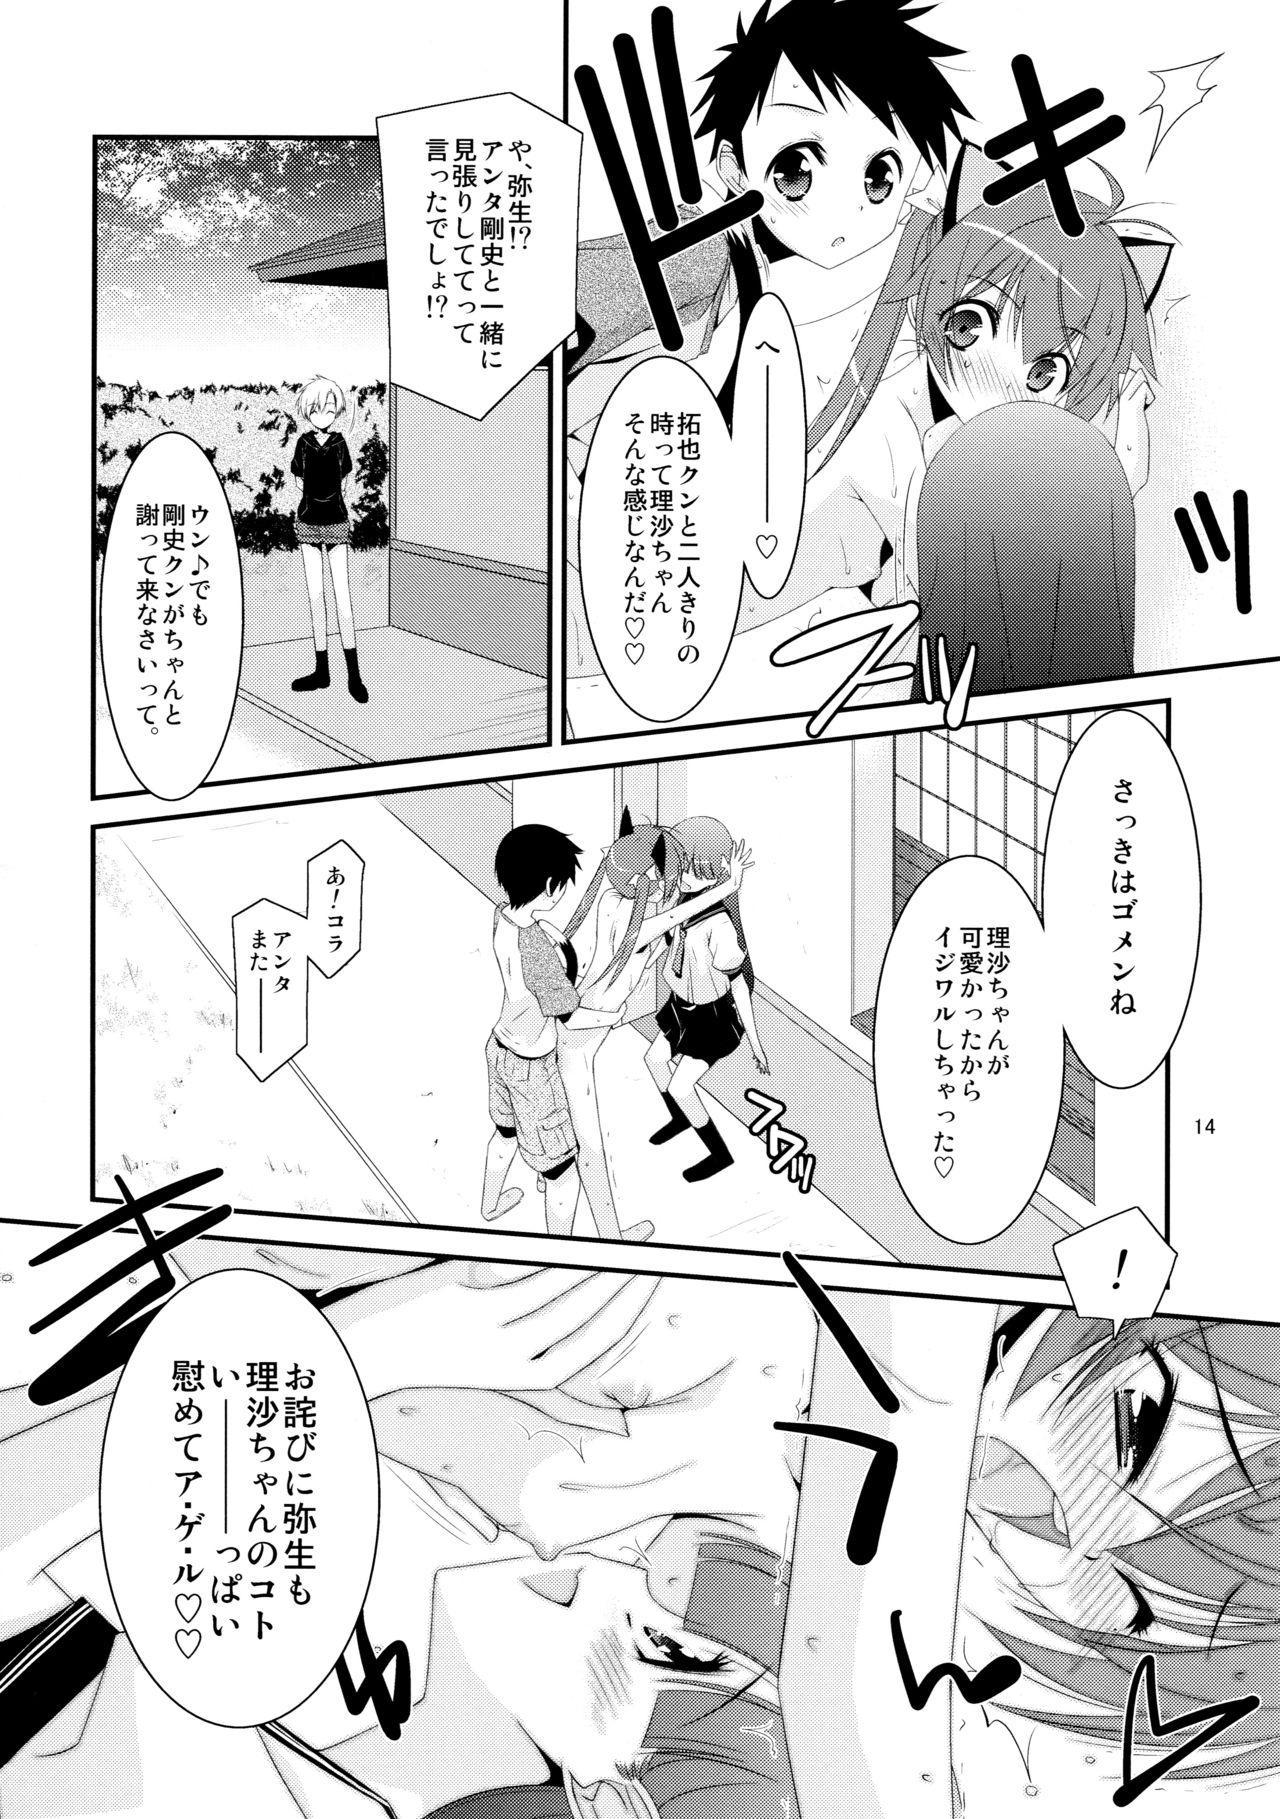 Himitsu no Asobi 13